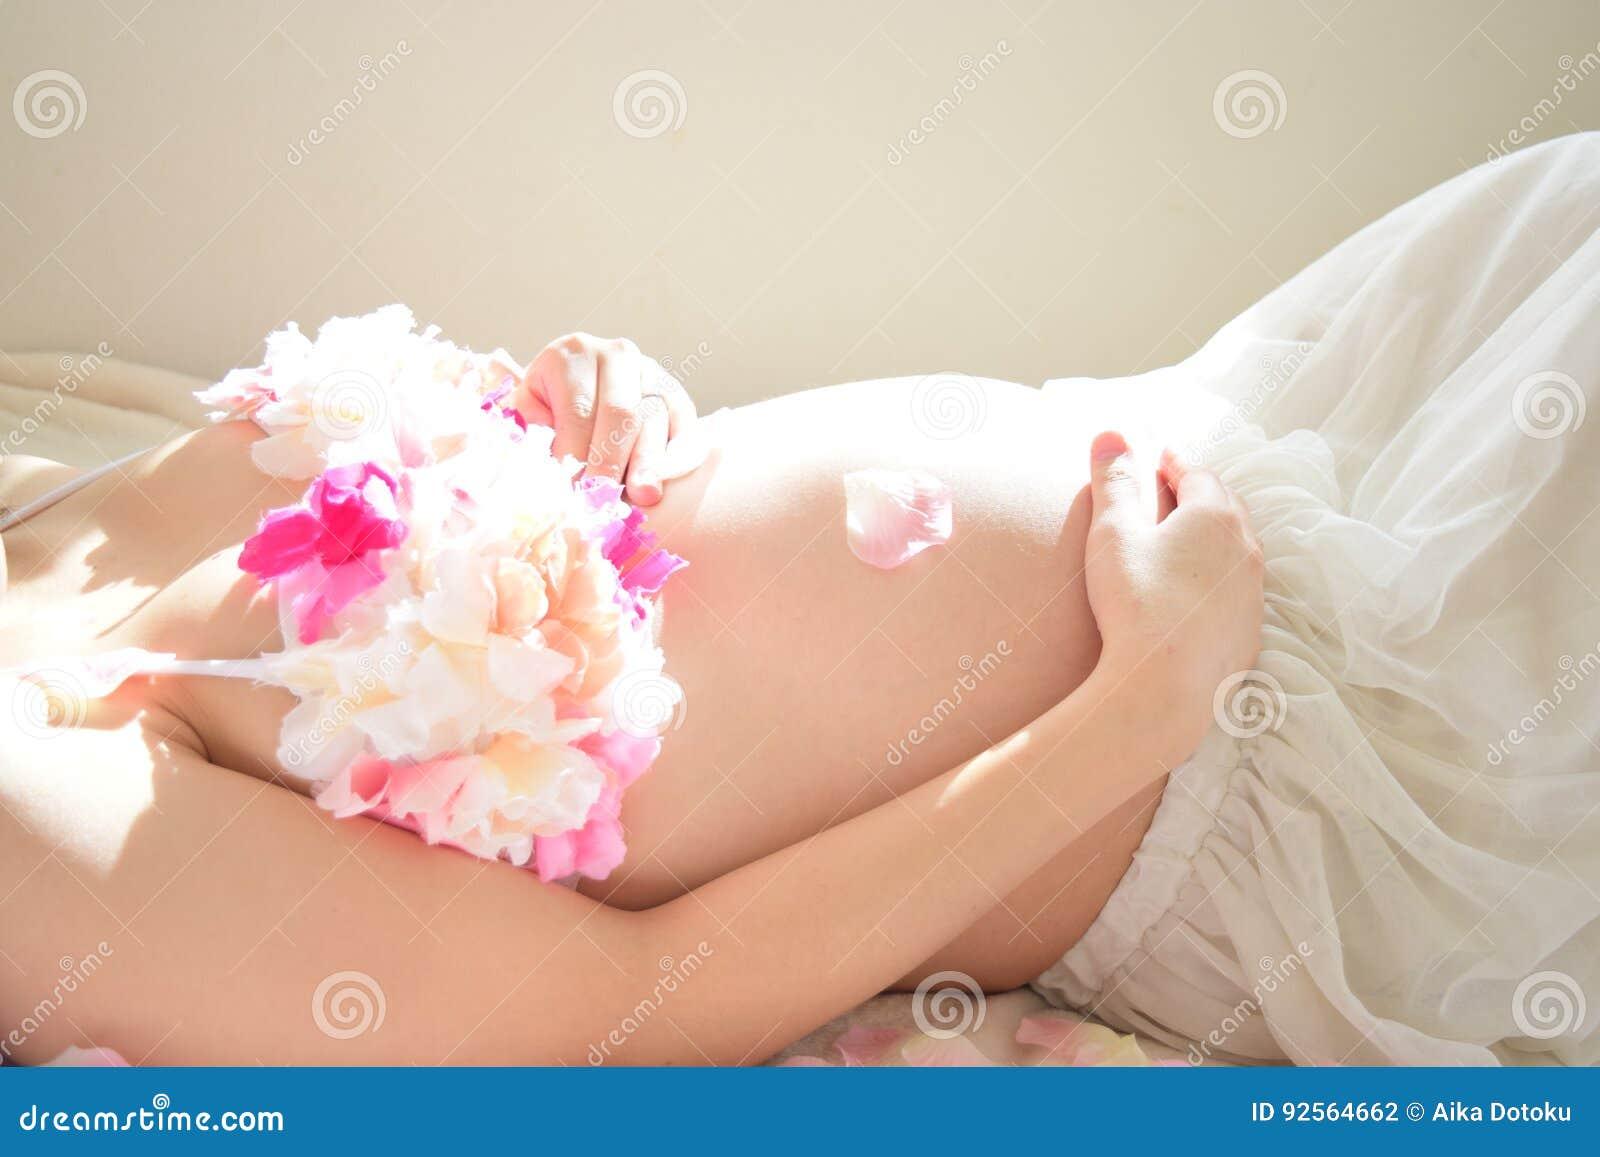 Foto di maternità delle donne che sono incinte